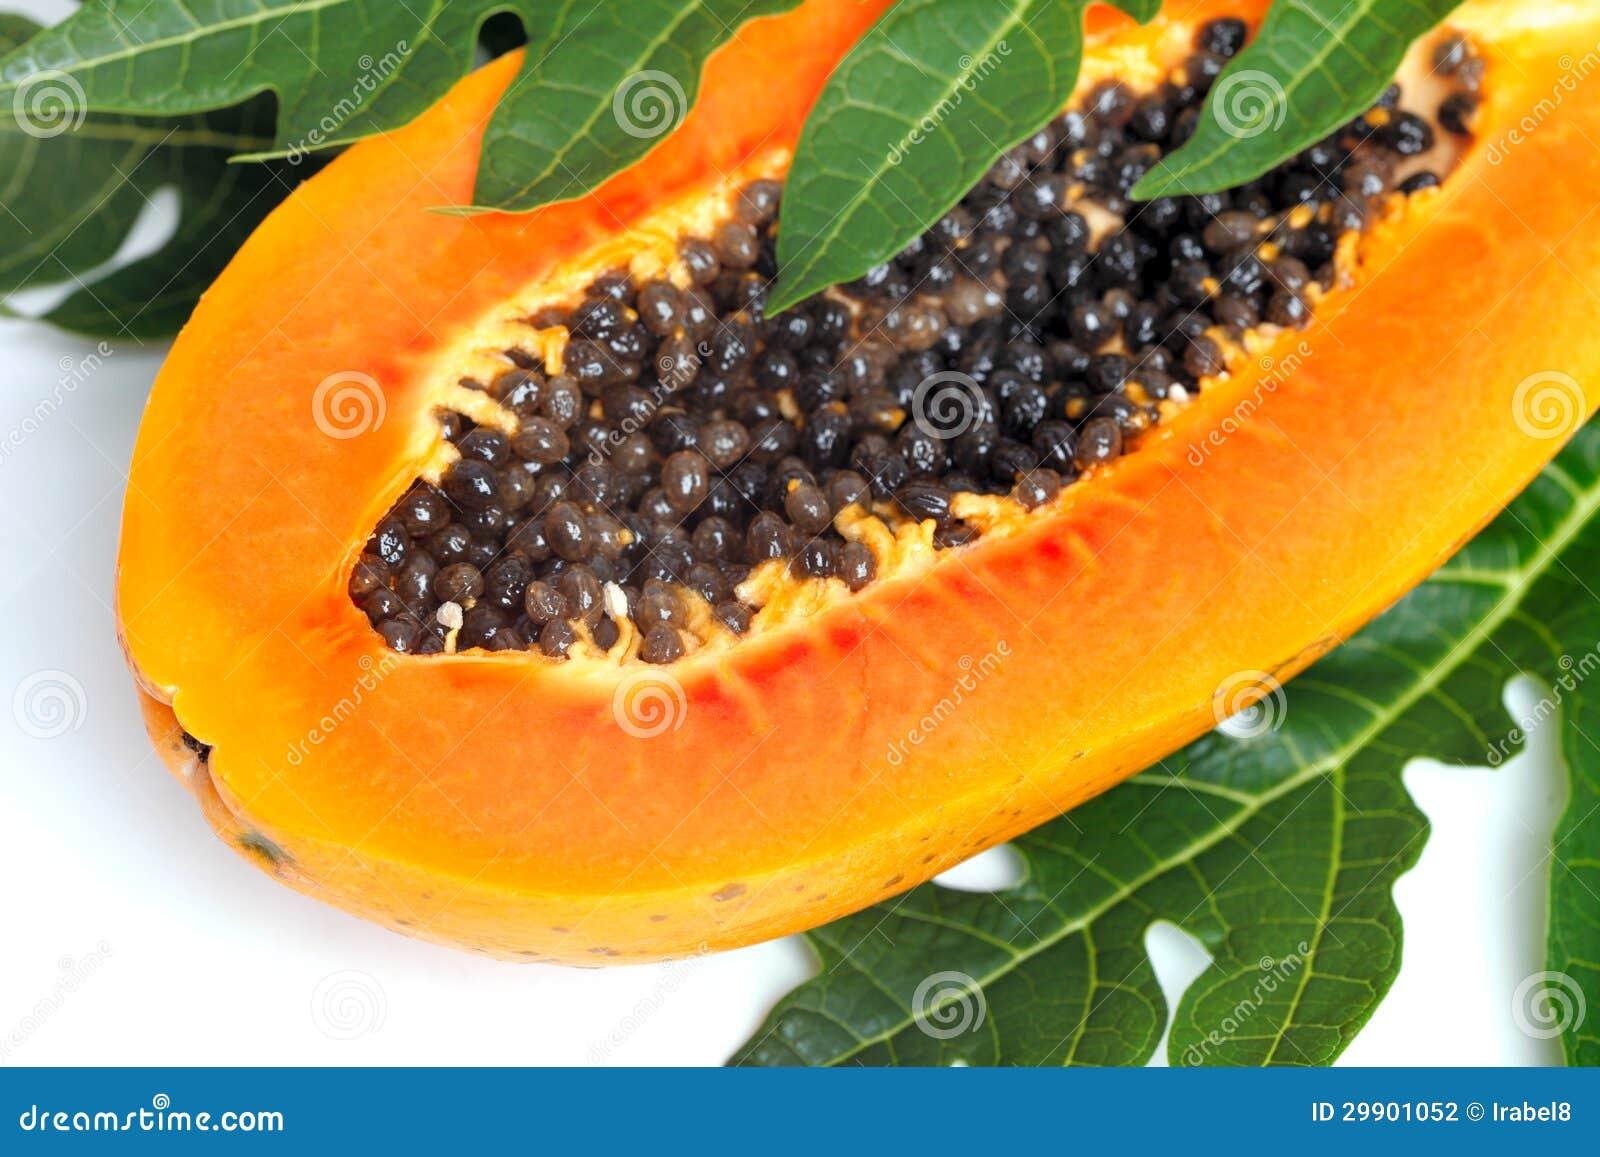 semillas de hiedra maduras - thebellmeadecom